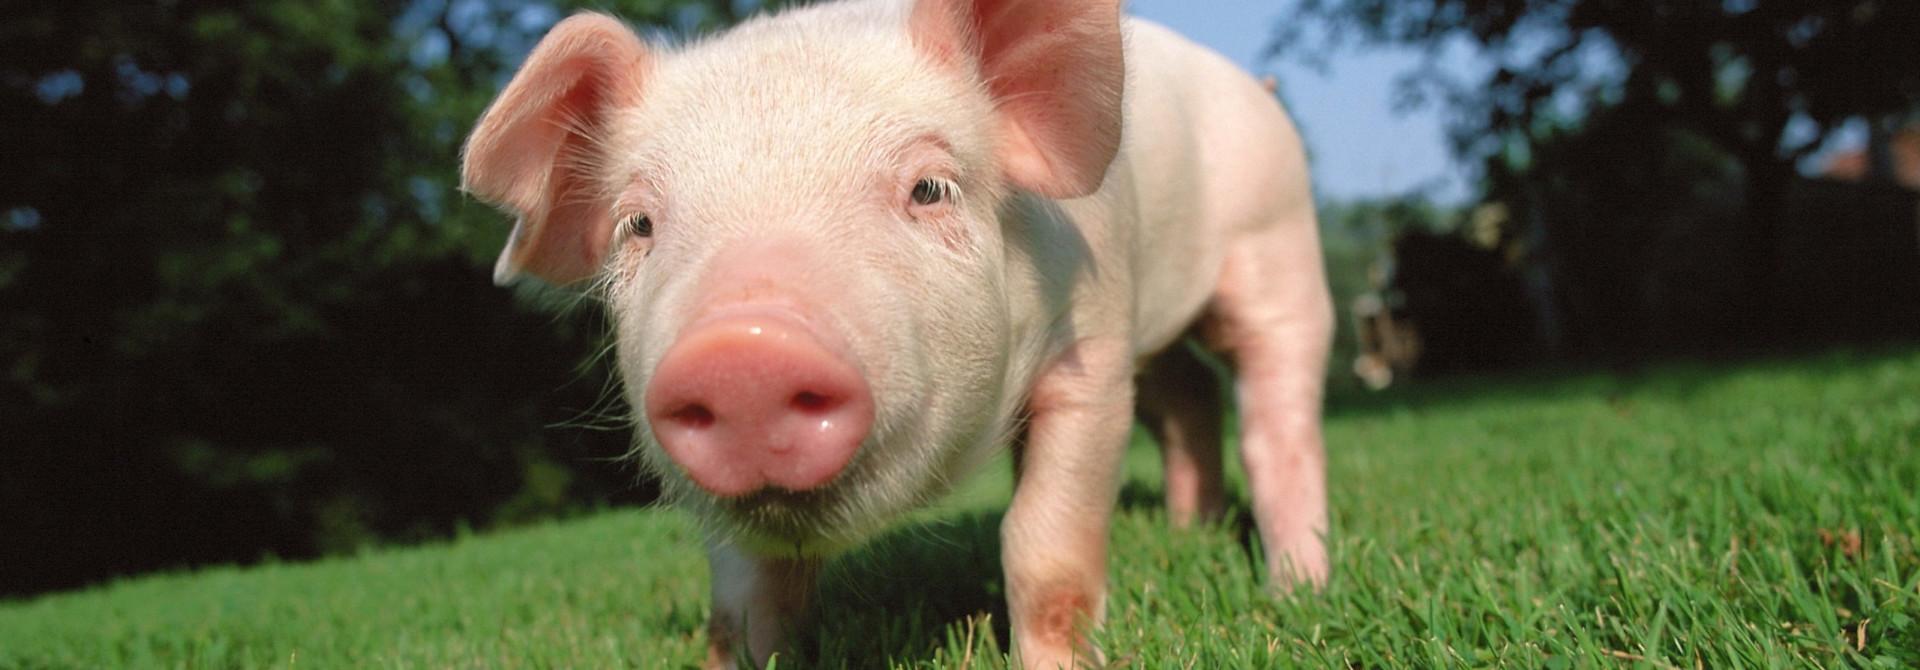 Prehrana, higiena  in zdravje živali Za rejce, veterinarje in lastnike hišnih ljubljenčkov